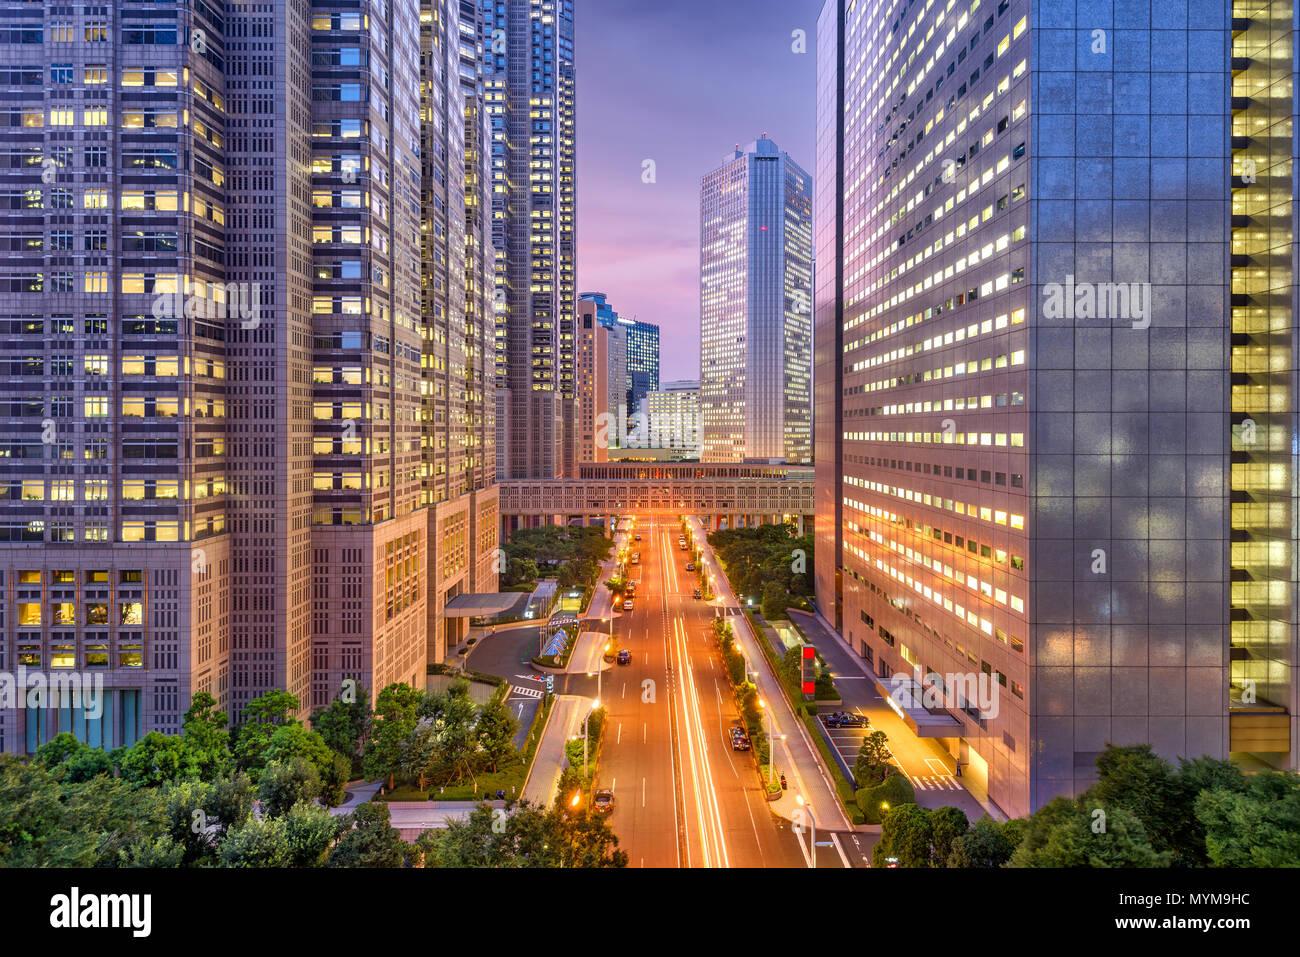 Shinjuku, Tokyo, Japon paysage urbain à travers les bâtiments du Gouvernement Métropolitain au crépuscule. Photo Stock